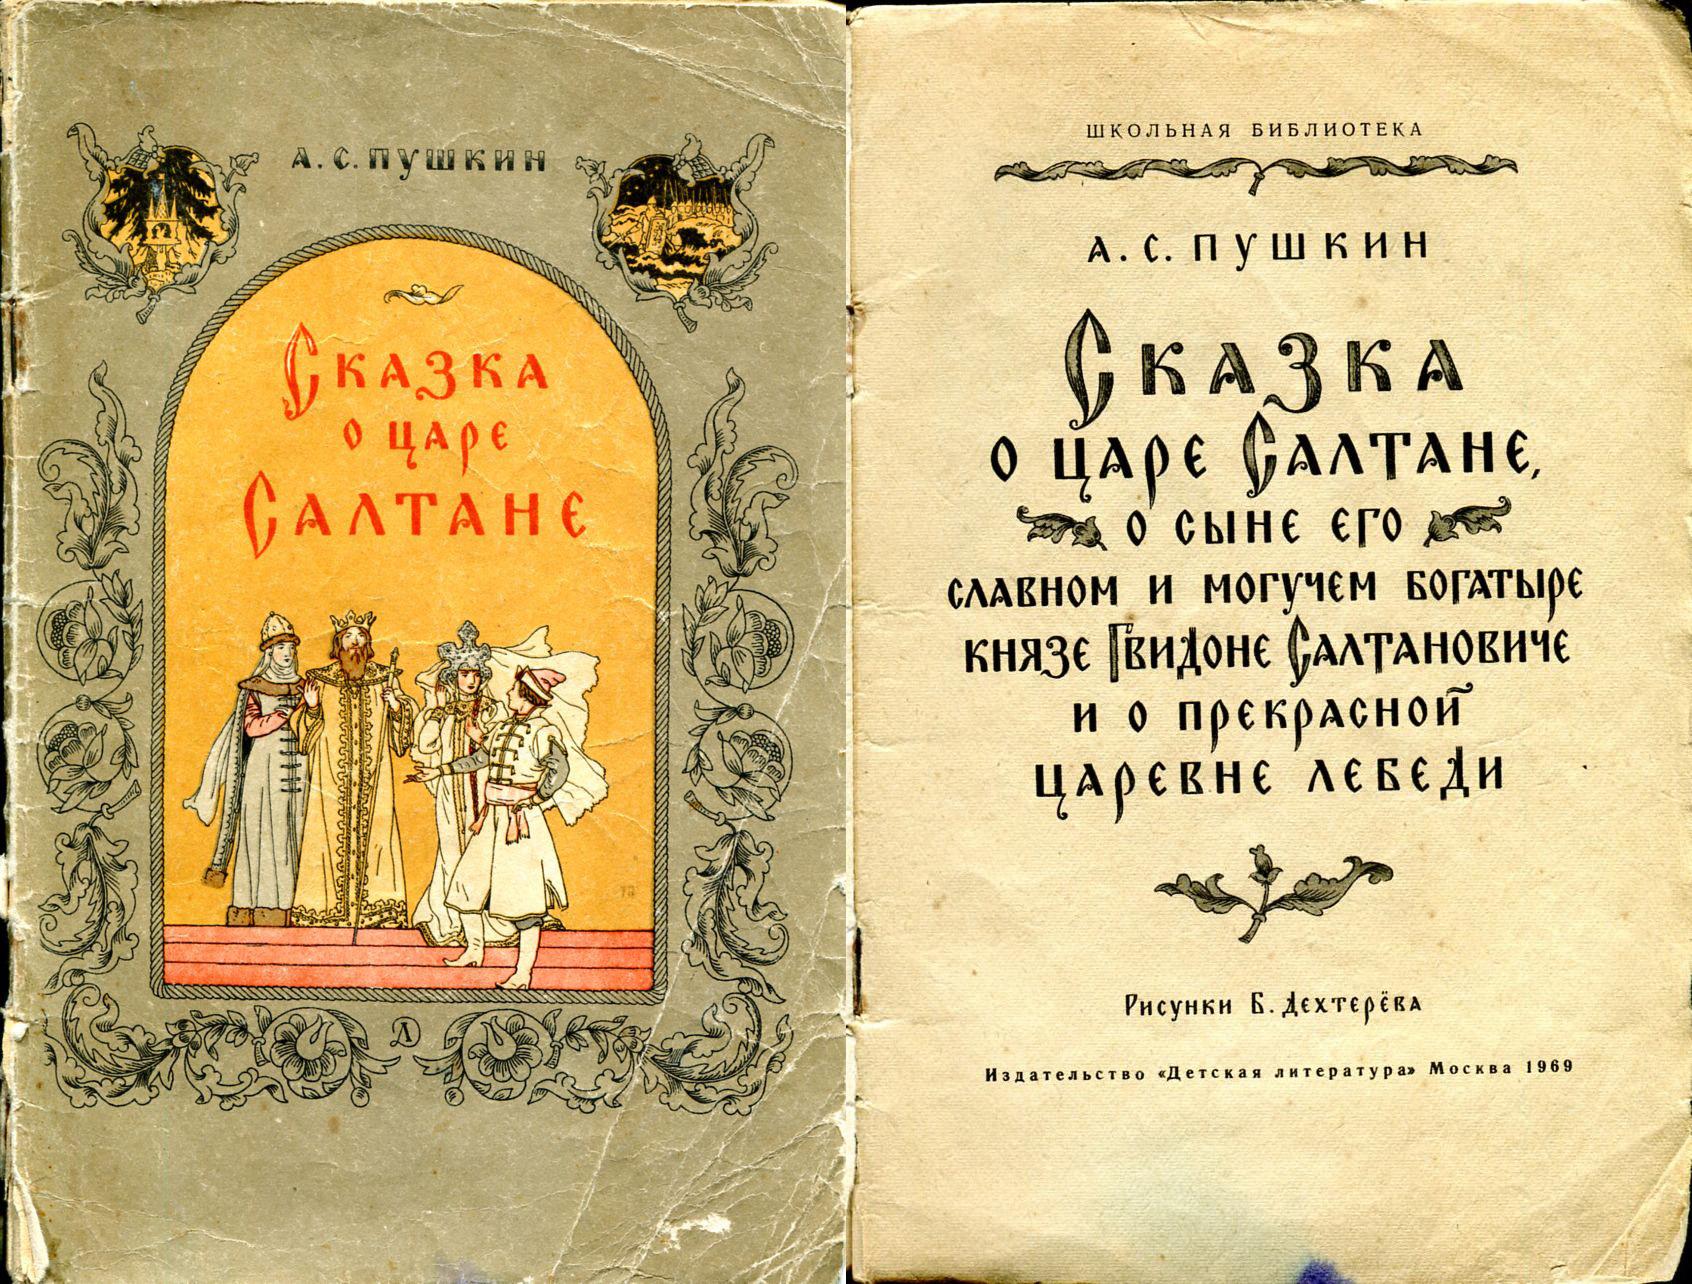 Книга о царе салтане с картинками